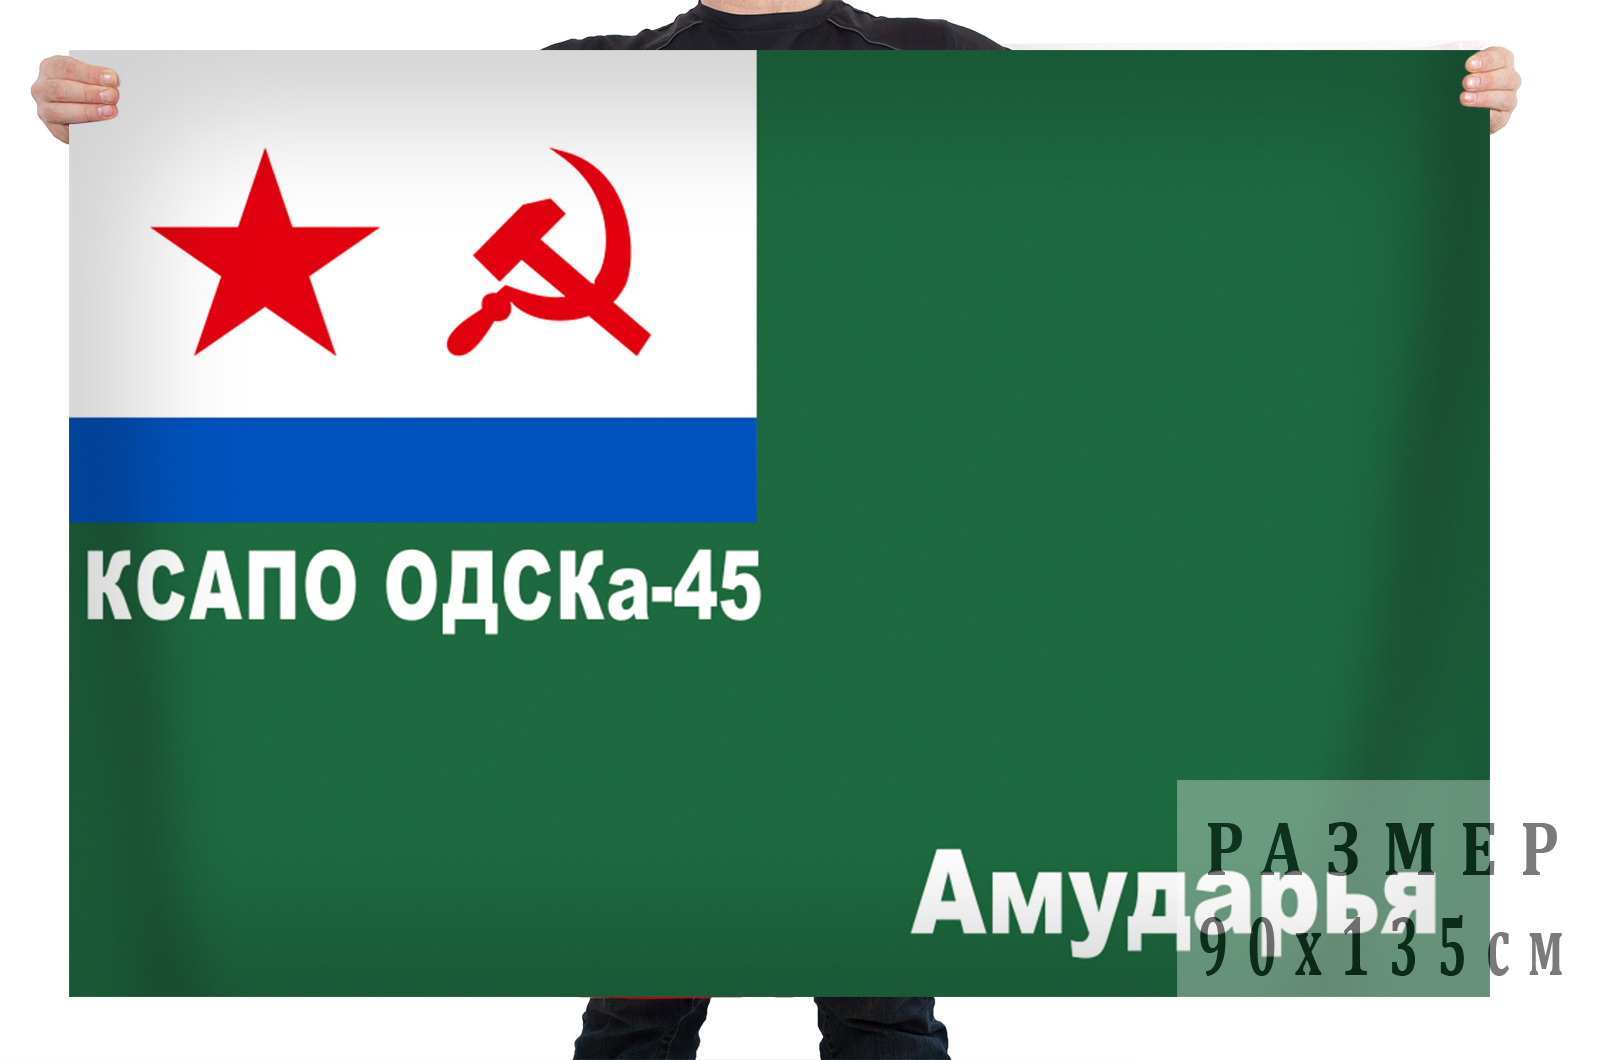 Большой флаг ОДСКА-45 КСАПО